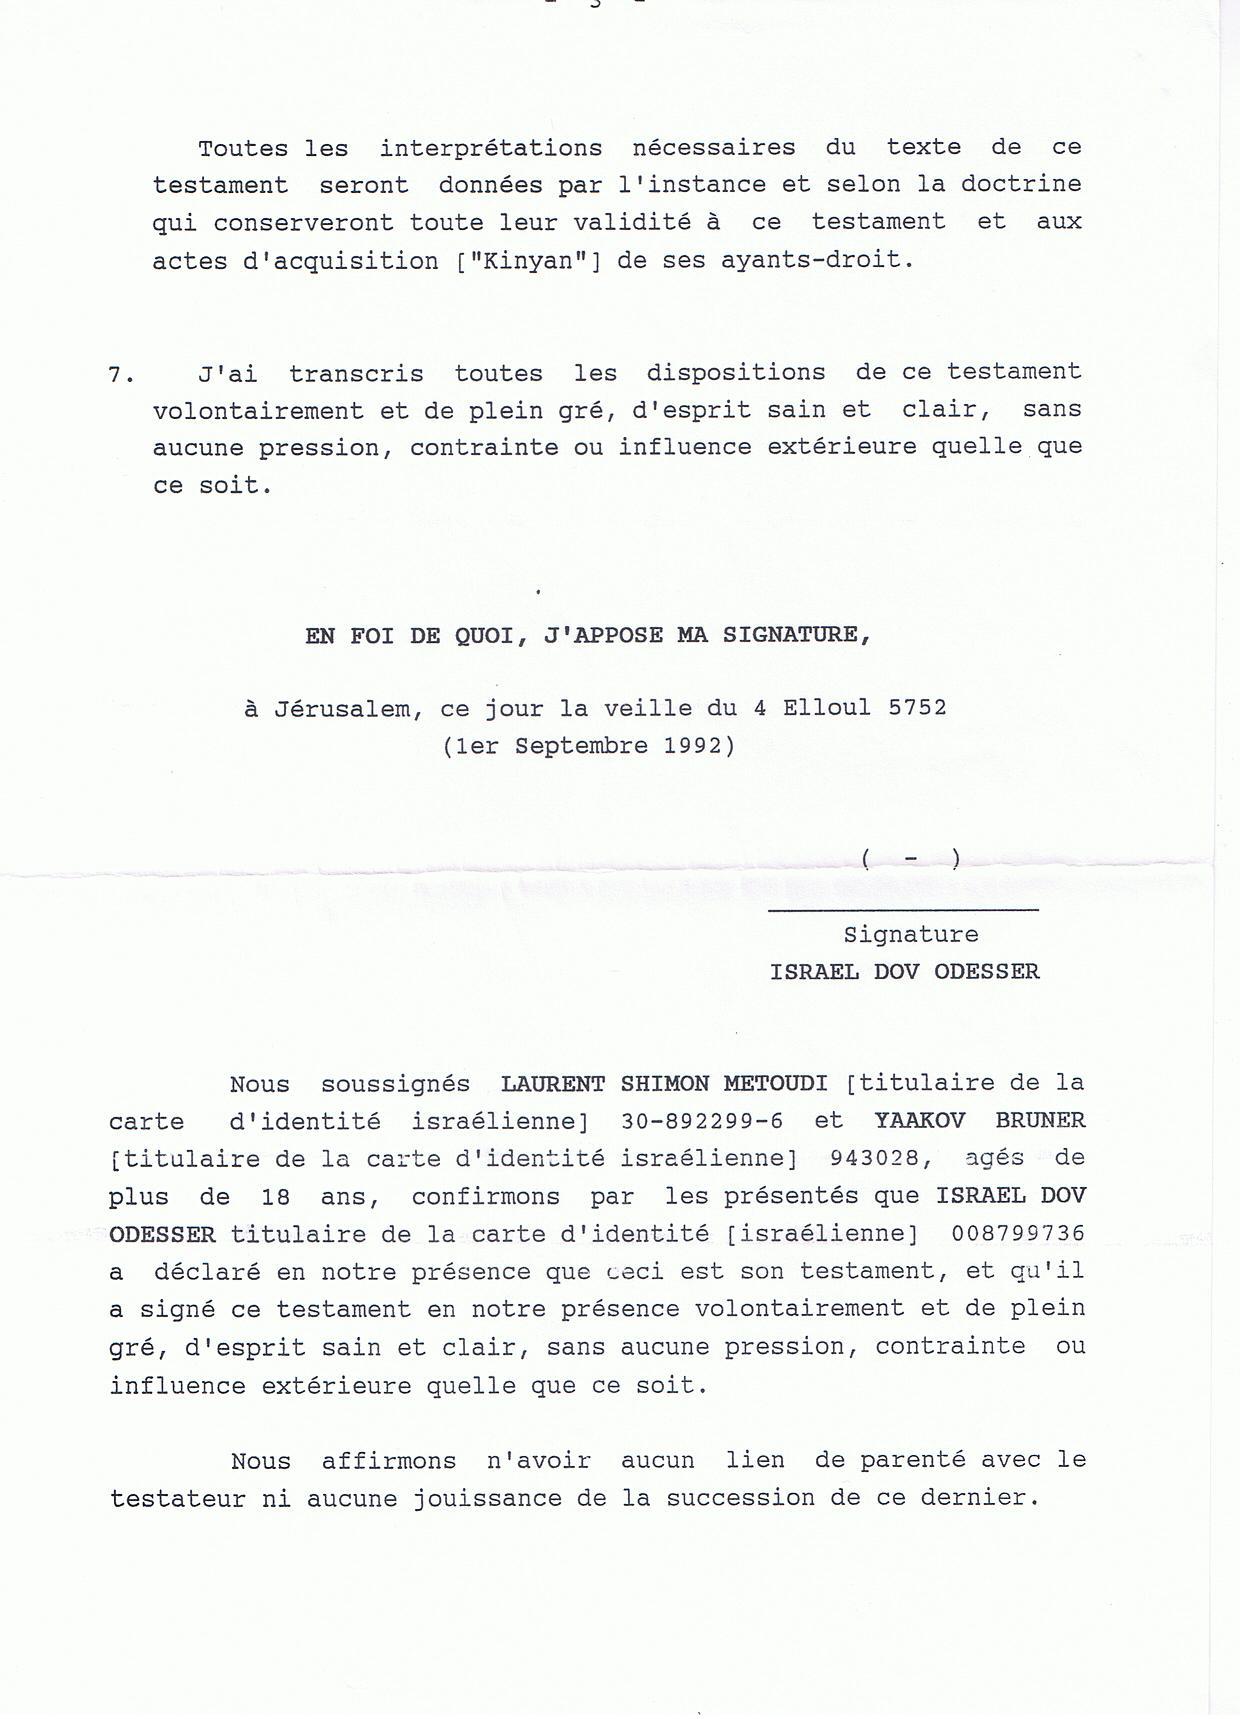 Testament de Rabbi Israël Ber Odesser, Traduit en Français 3/4